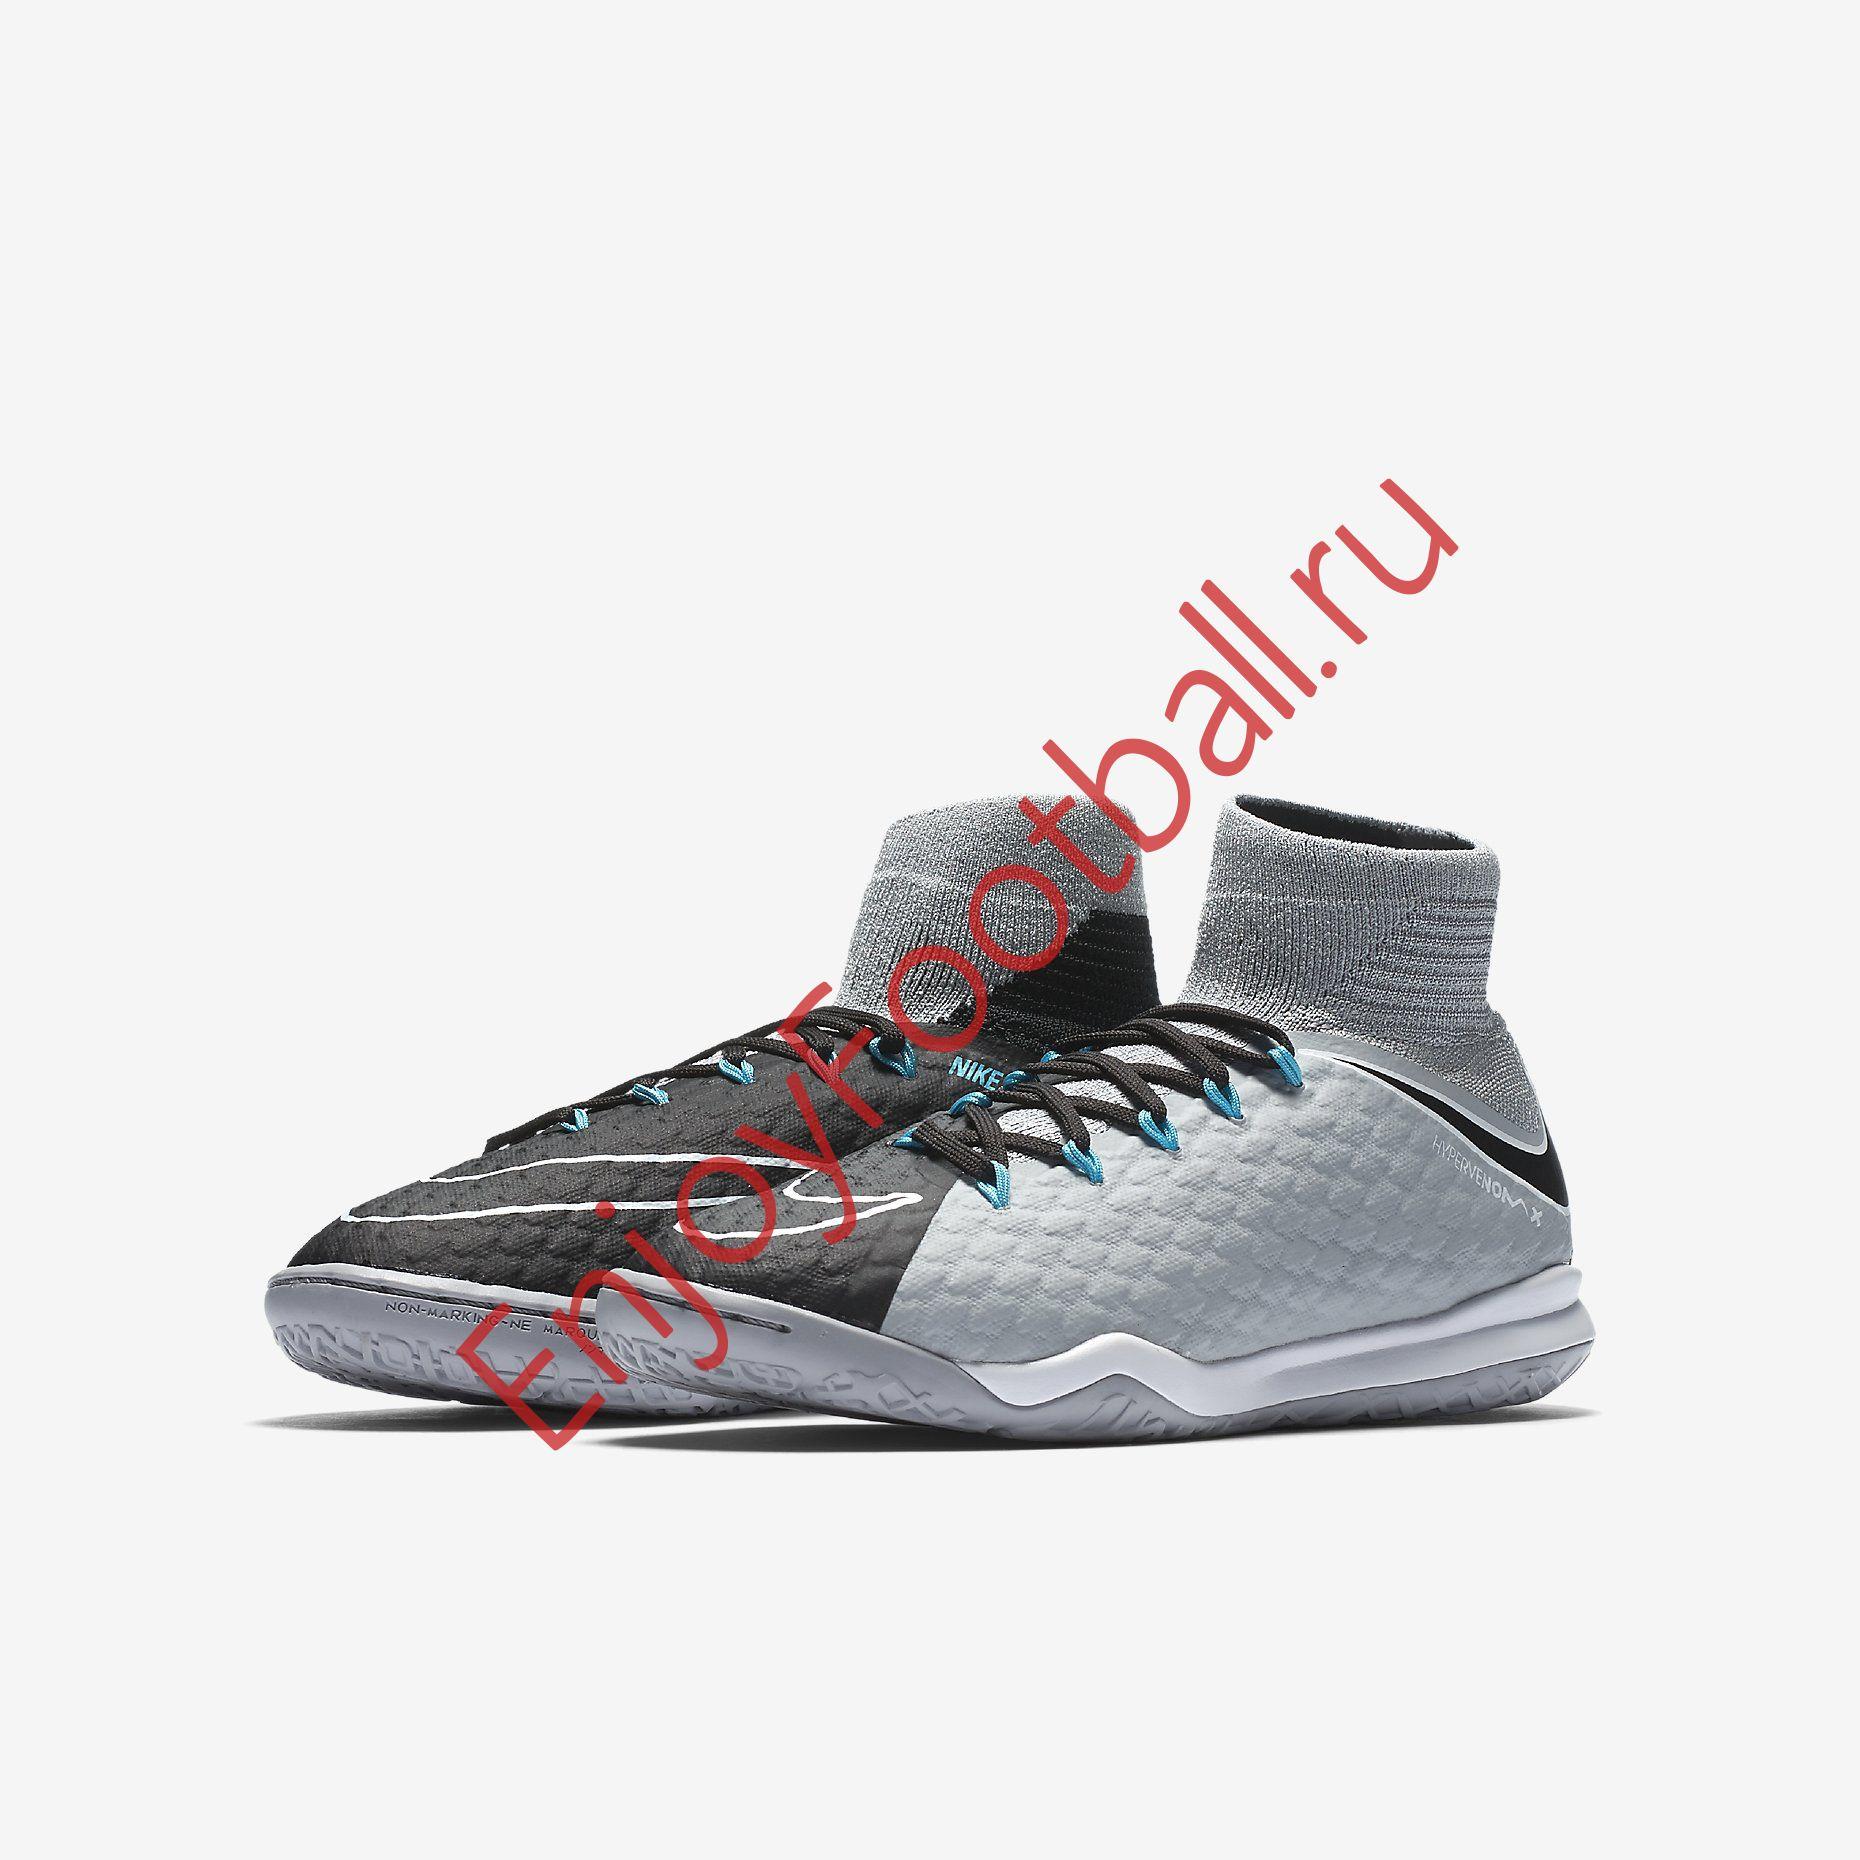 feaef110 Детская обувь для зала NIKE HYPERVENOMX PROXIMO II DF IC 852602-004 JR —  купить ...